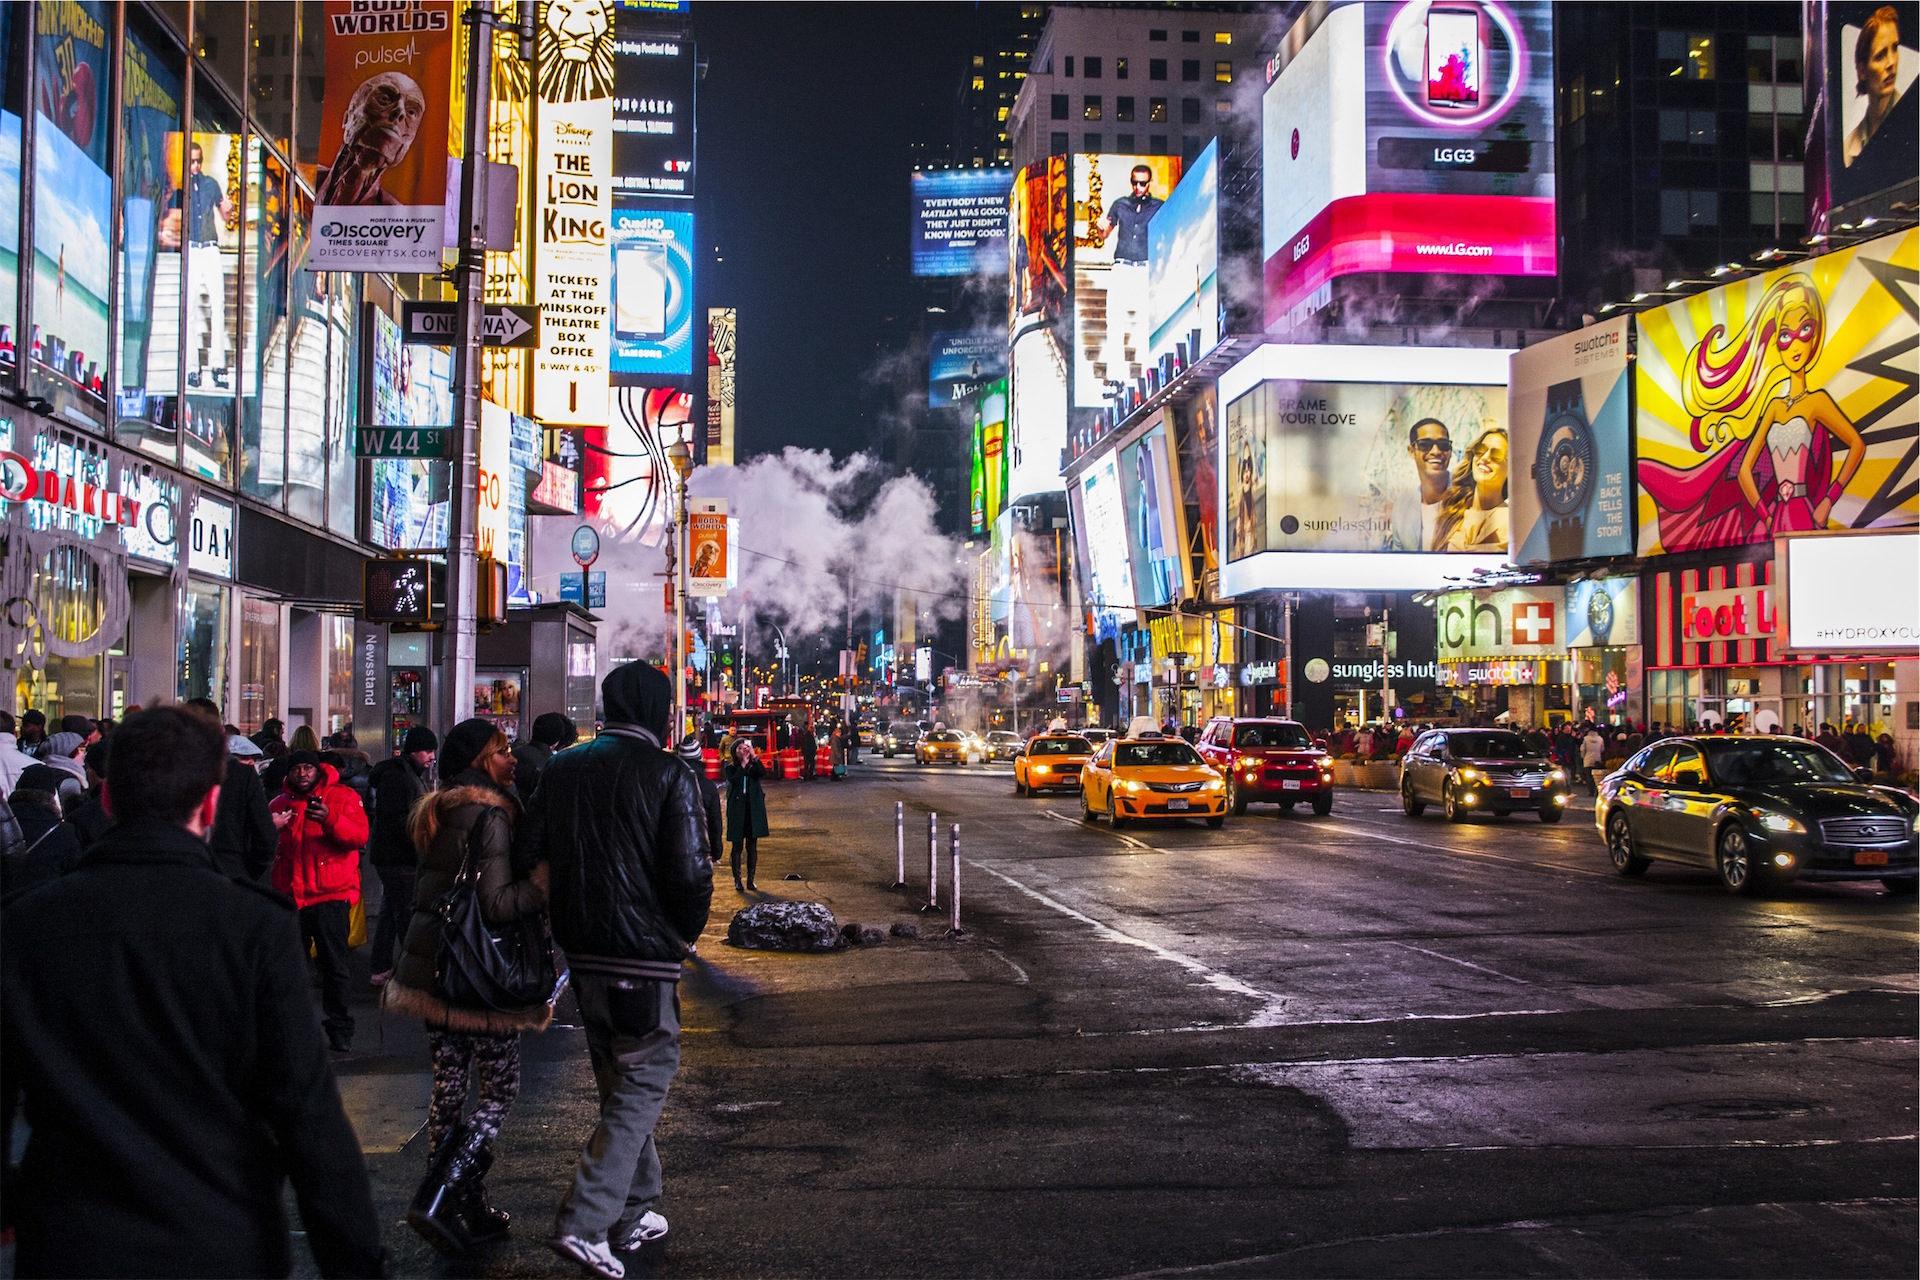 晚上, 交通, 建筑, 灯, anuncios - 高清壁纸 - 教授-falken.com